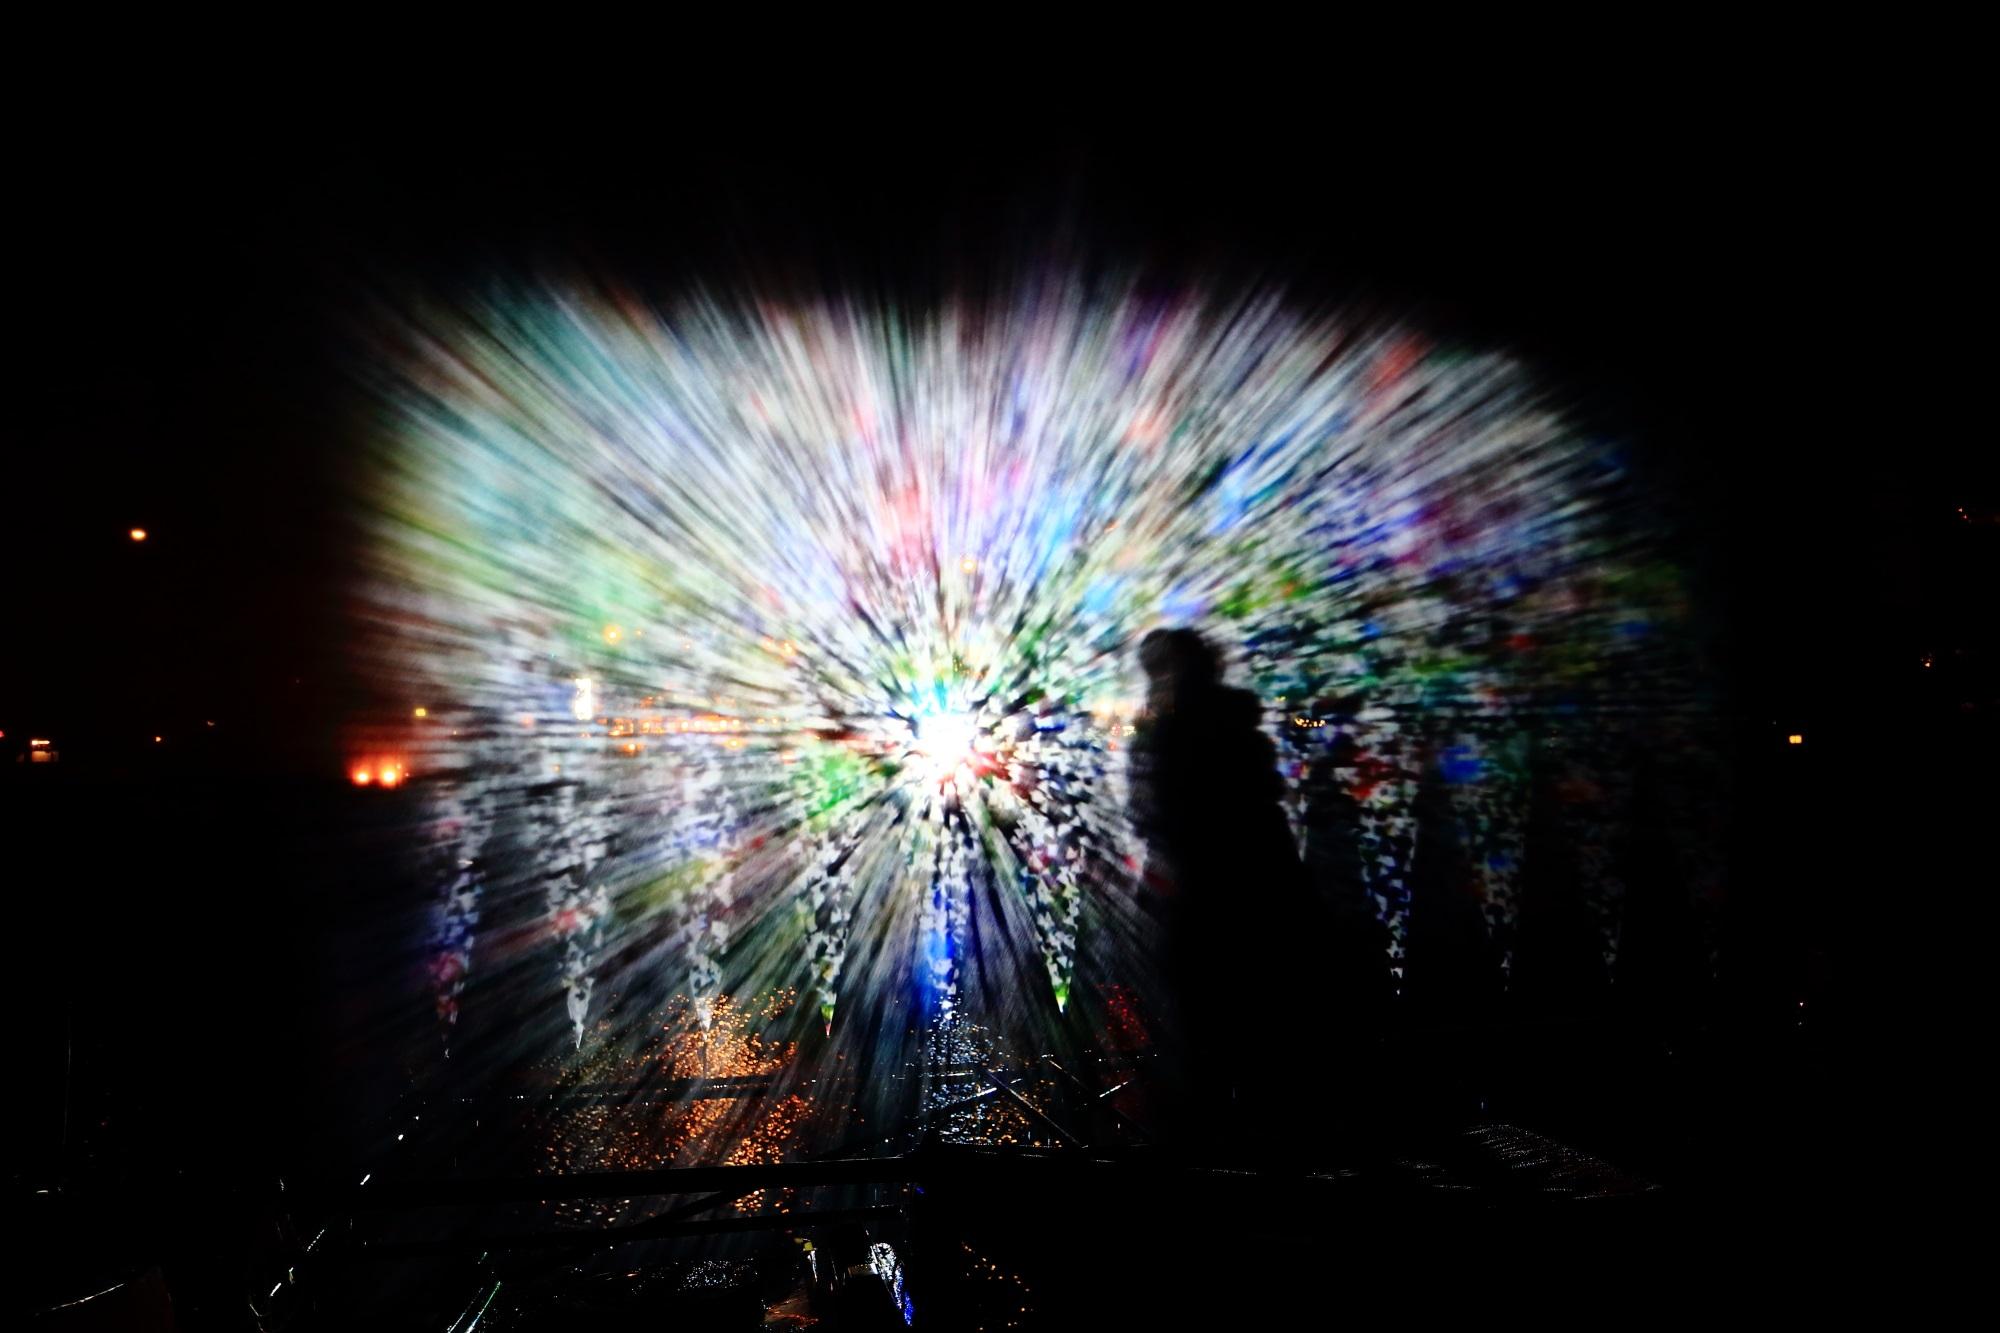 ウォーターアートプロジェクション 光の演出 幻想的 京の七夕 鴨川